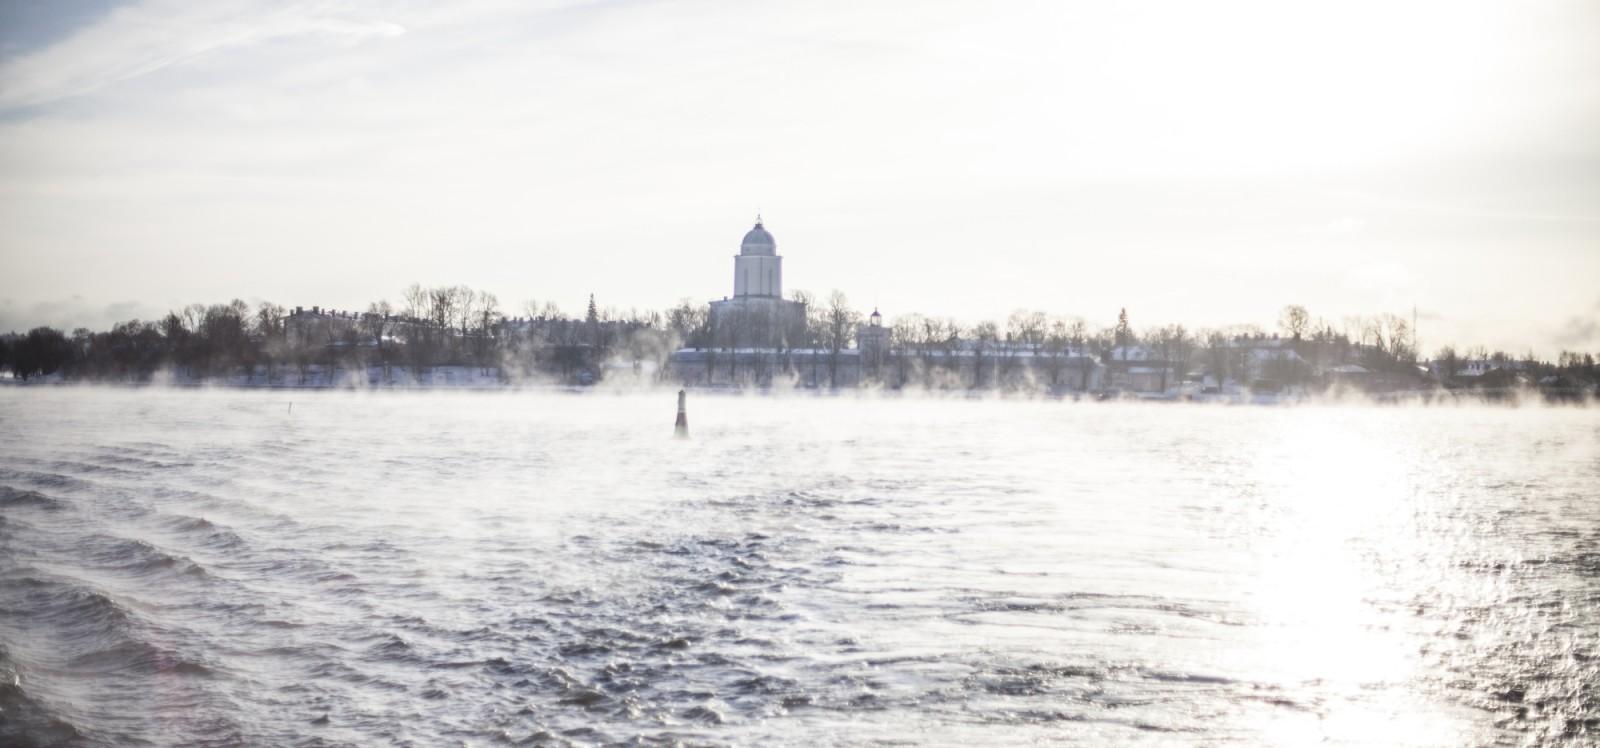 Suomenlinnan kirkko lautalta kuvattuna. Merisumu tuo kuvaan hyisen kylmän tunnelman.